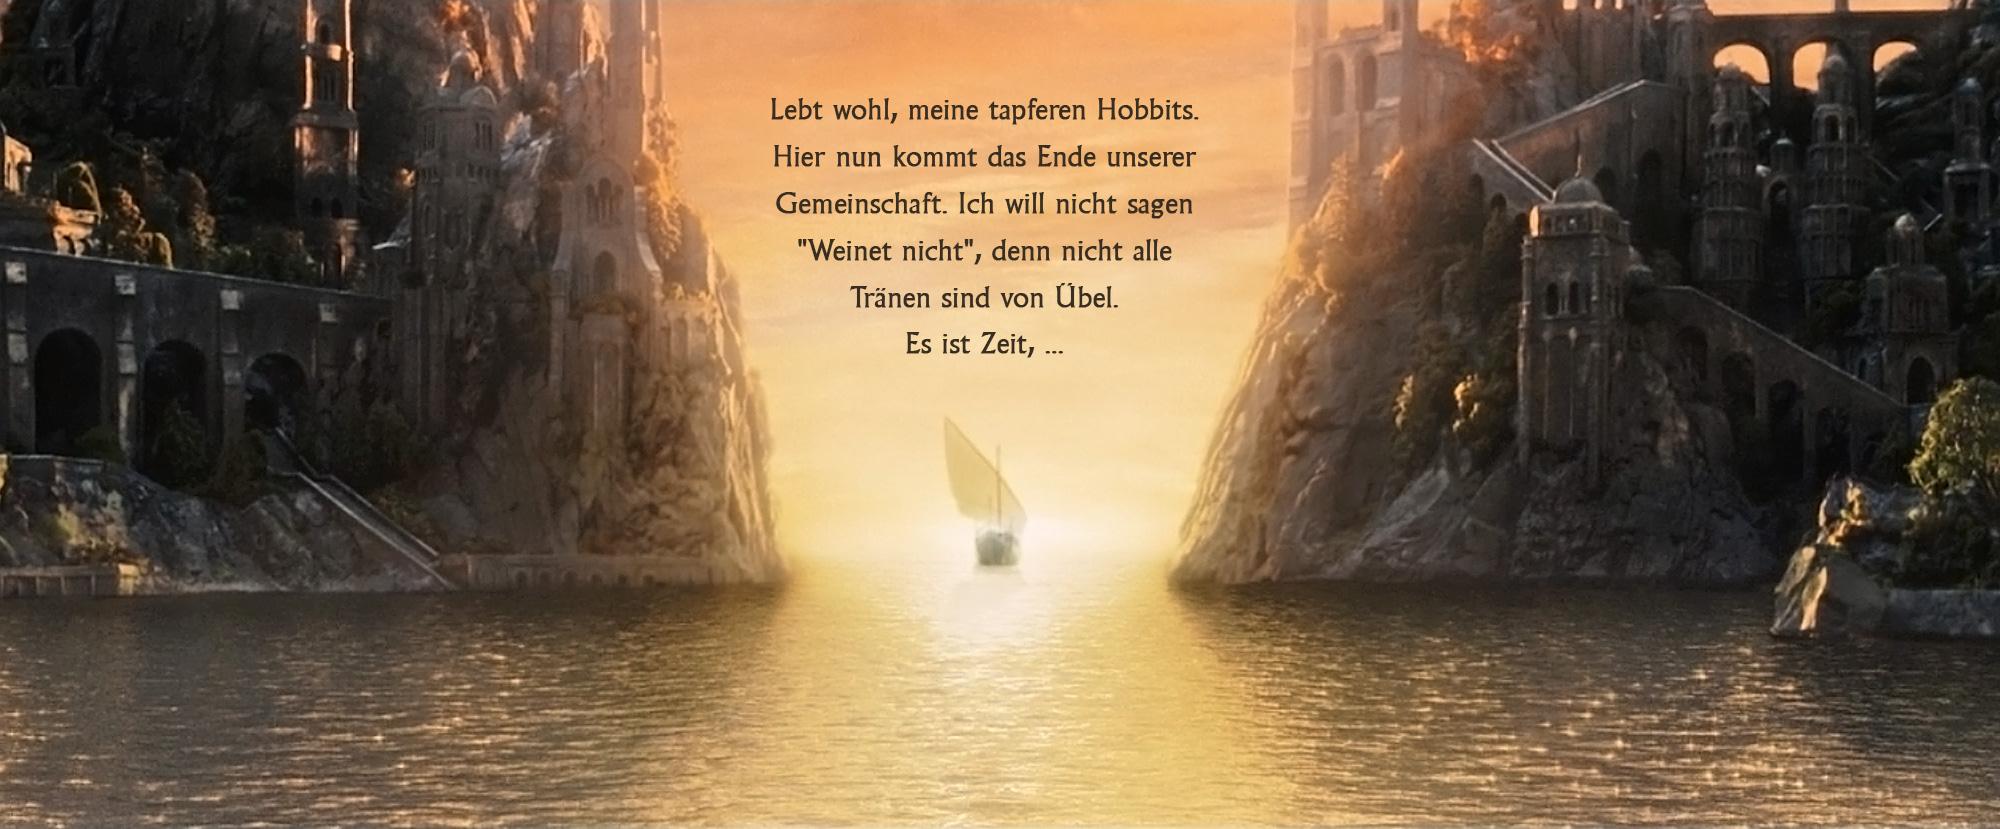 Lebt wohl, meine tapferen Hobbits. Hier nun kommt das Ende unserer Gemeinschaft. Ich will nicht sagen 'Weinet nicht', denn nicht alle Tränen sind von Übel. Es ist Zeit, ...